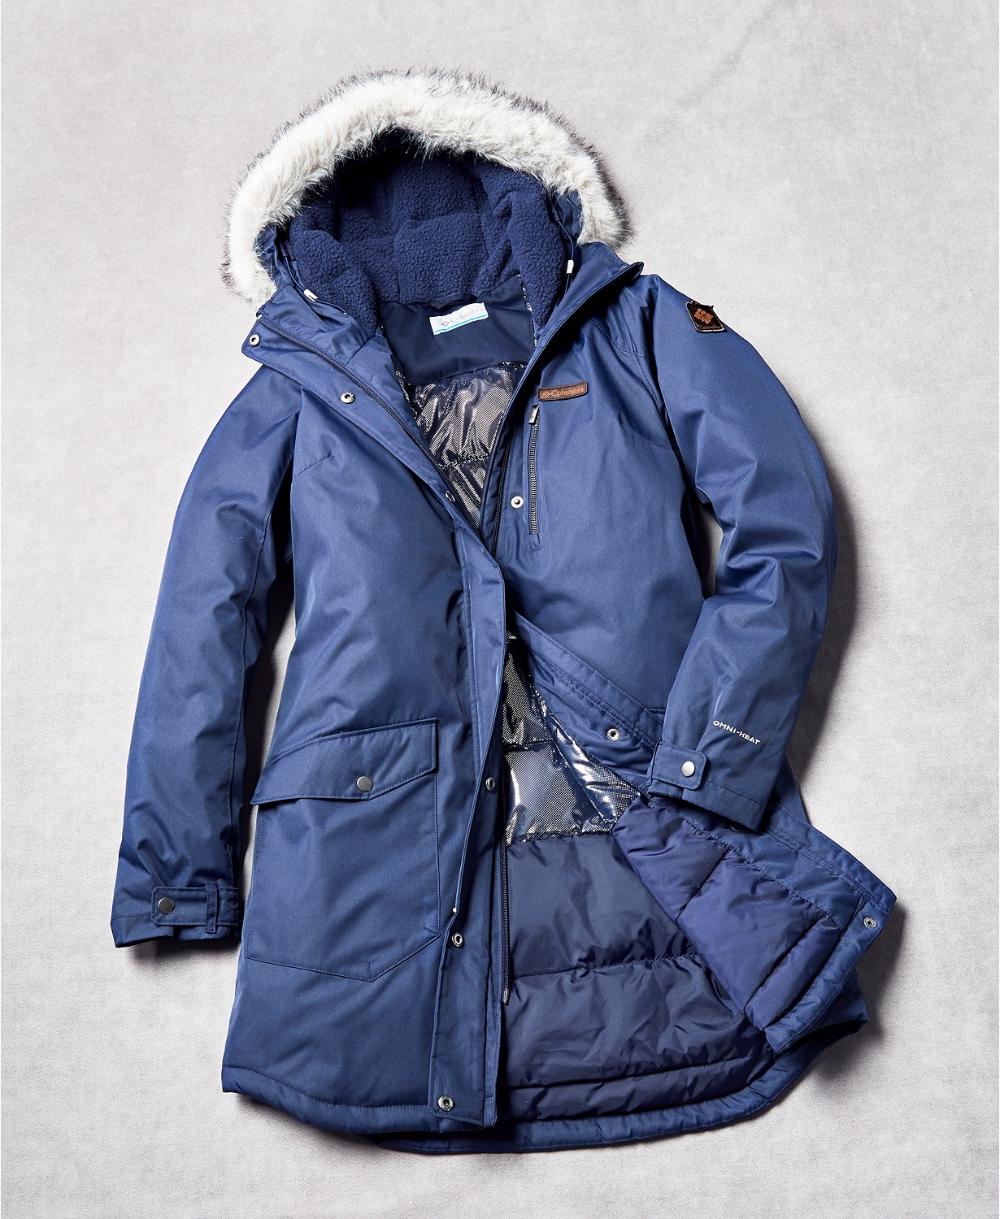 Columbia Women S Suttle Mountain Long Insulated Jacket Reviews Coats Women Macy S Jackets Coats For Women Raincoats For Women [ 1219 x 1000 Pixel ]